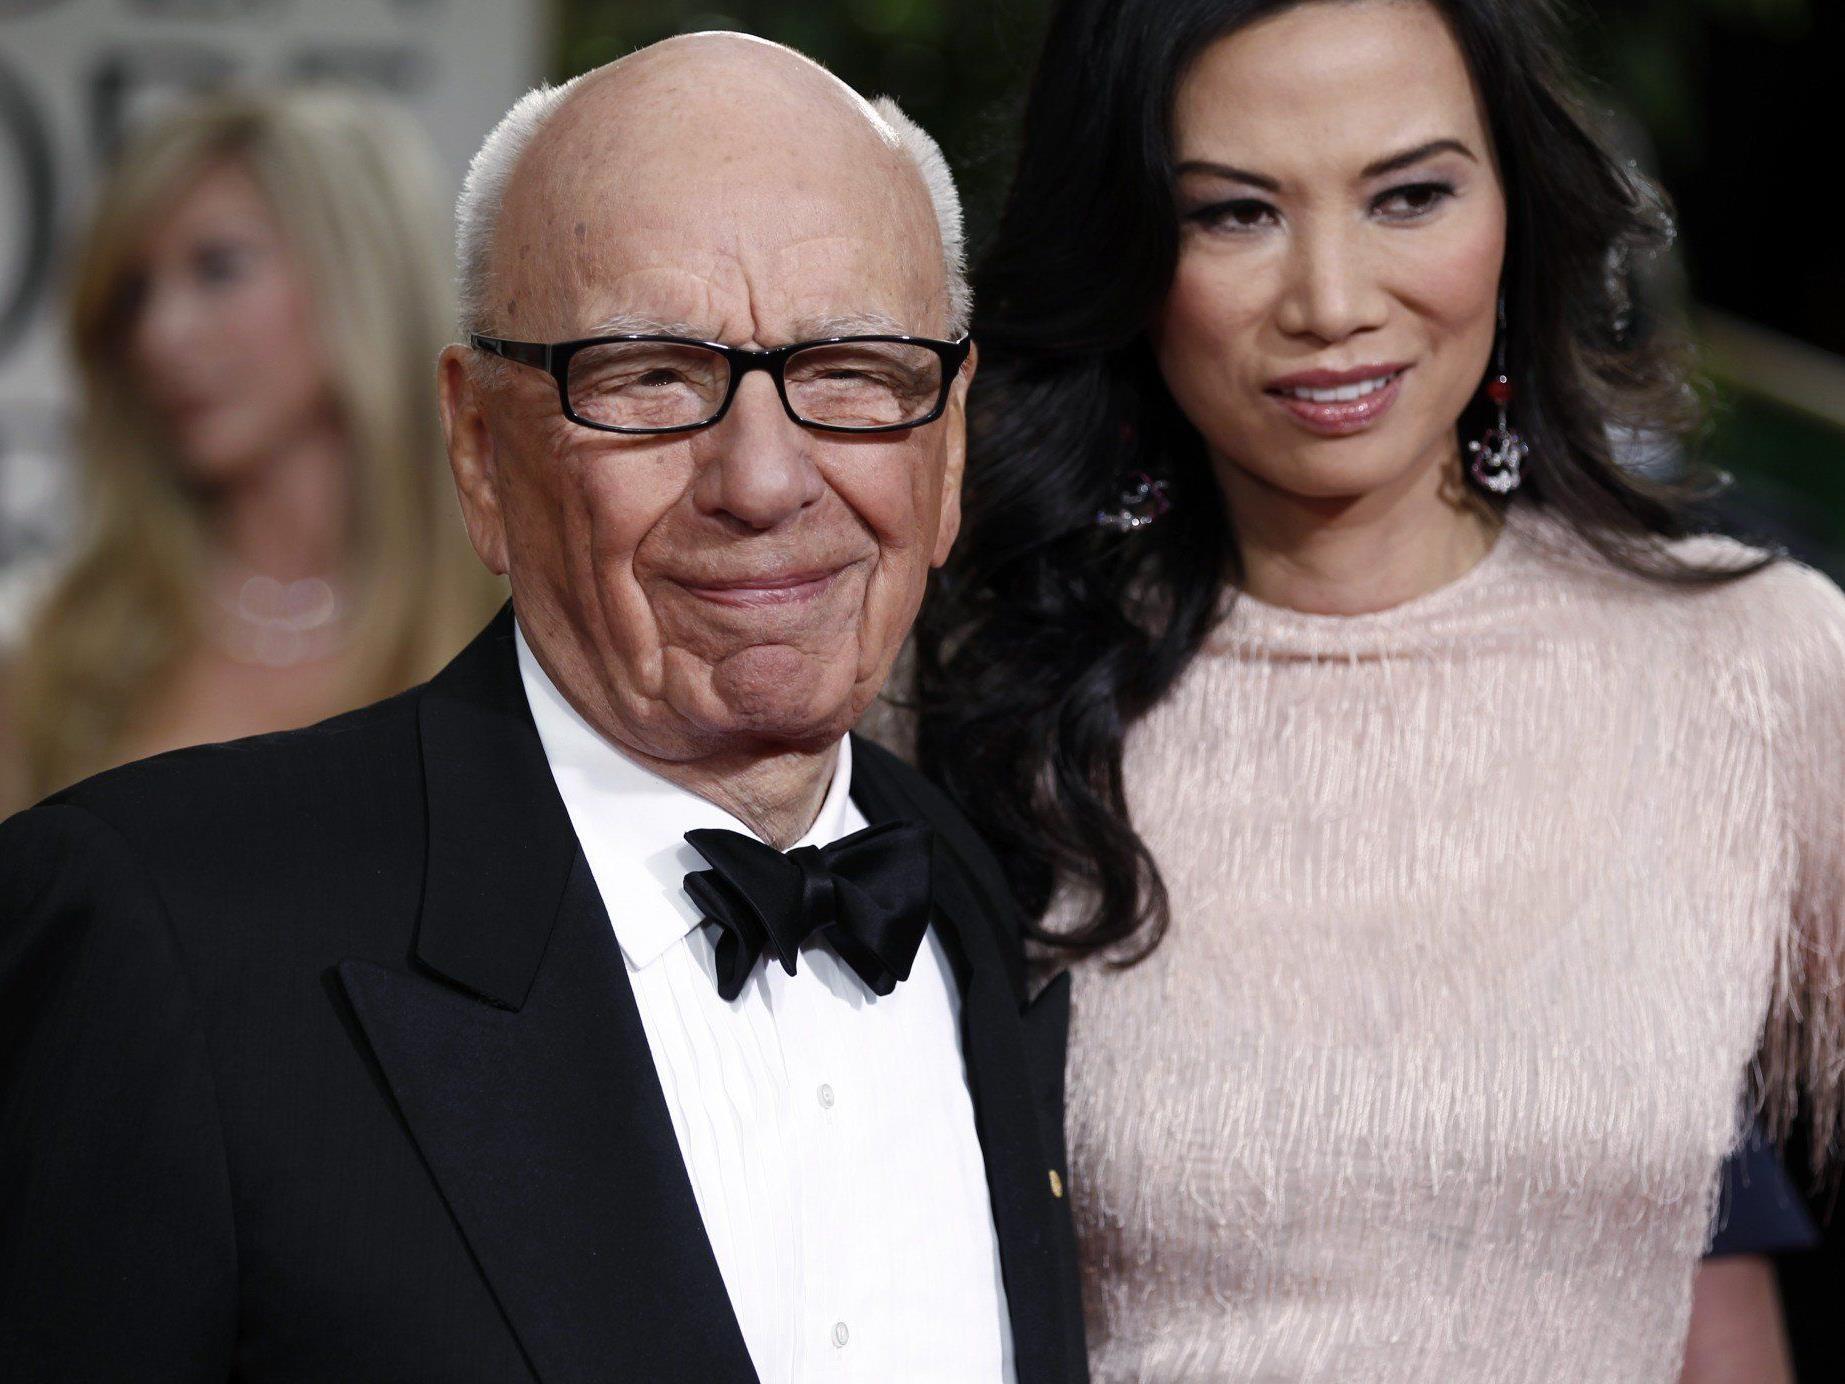 Bei Murdoch und Deng beträgt der Altersunterschied 38 Jahre.